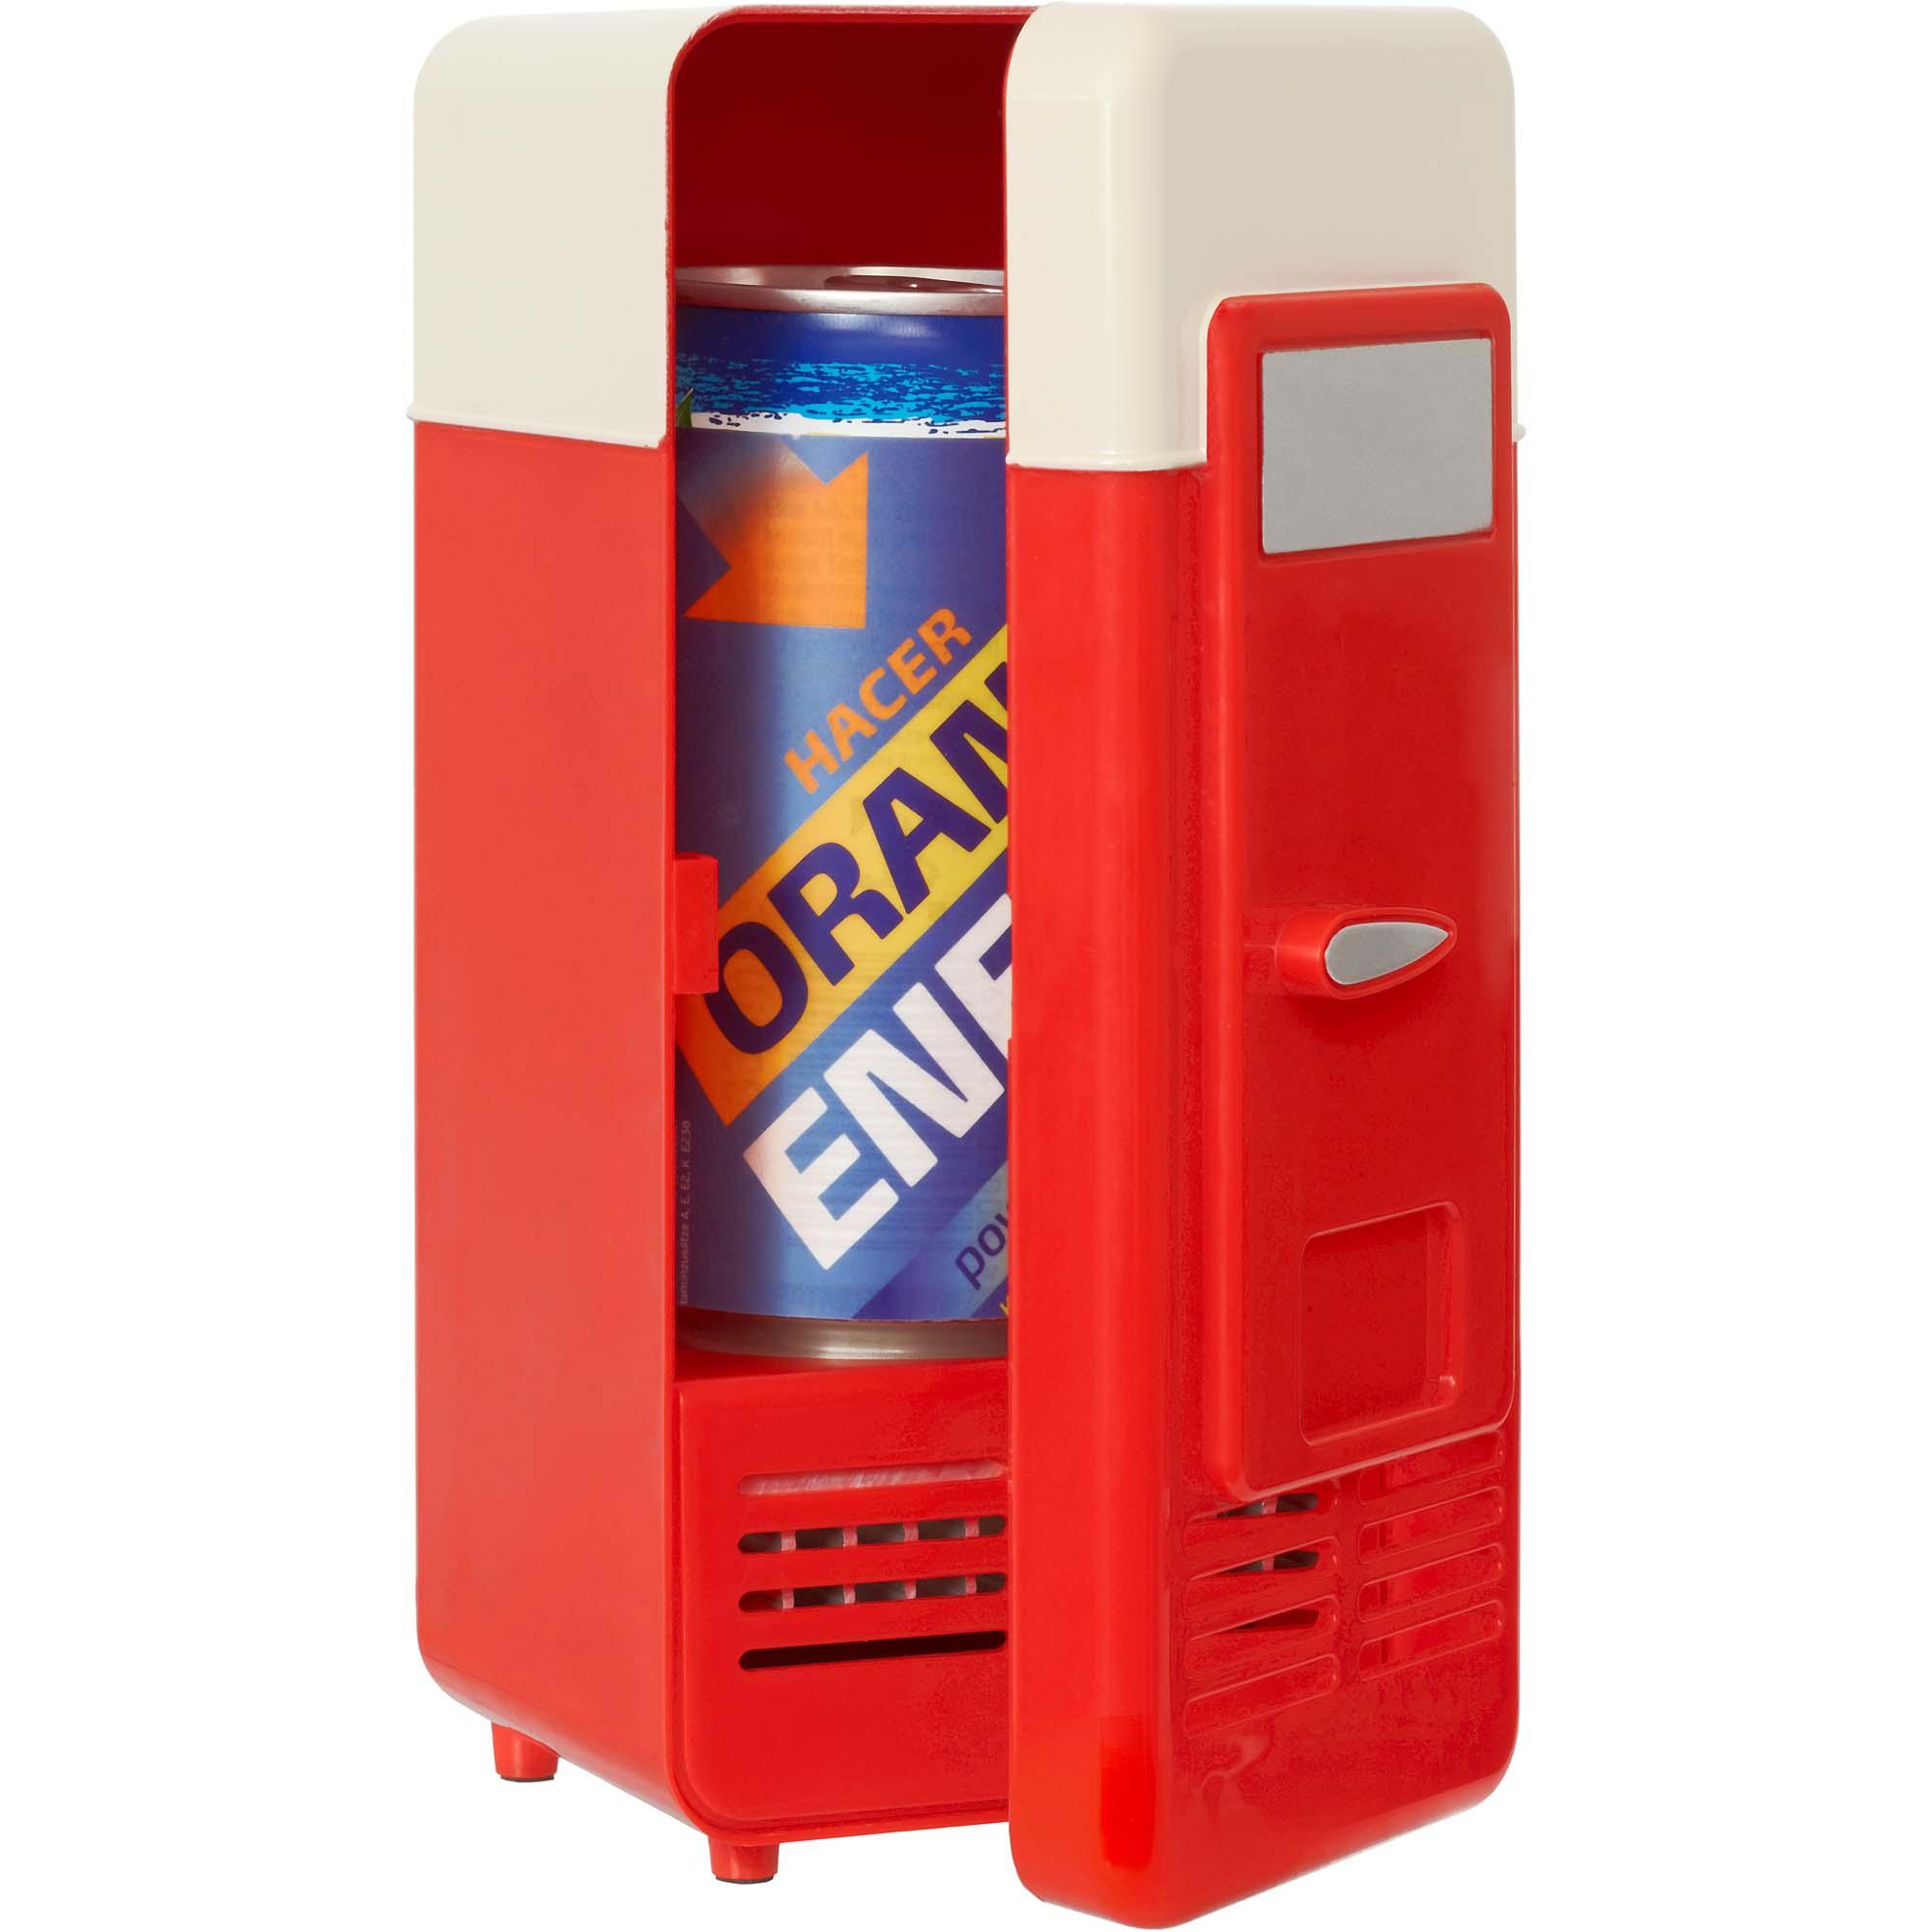 Ausgezeichnet Getränkekühlschrank Red Bull Fotos - Die Kinderzimmer ...